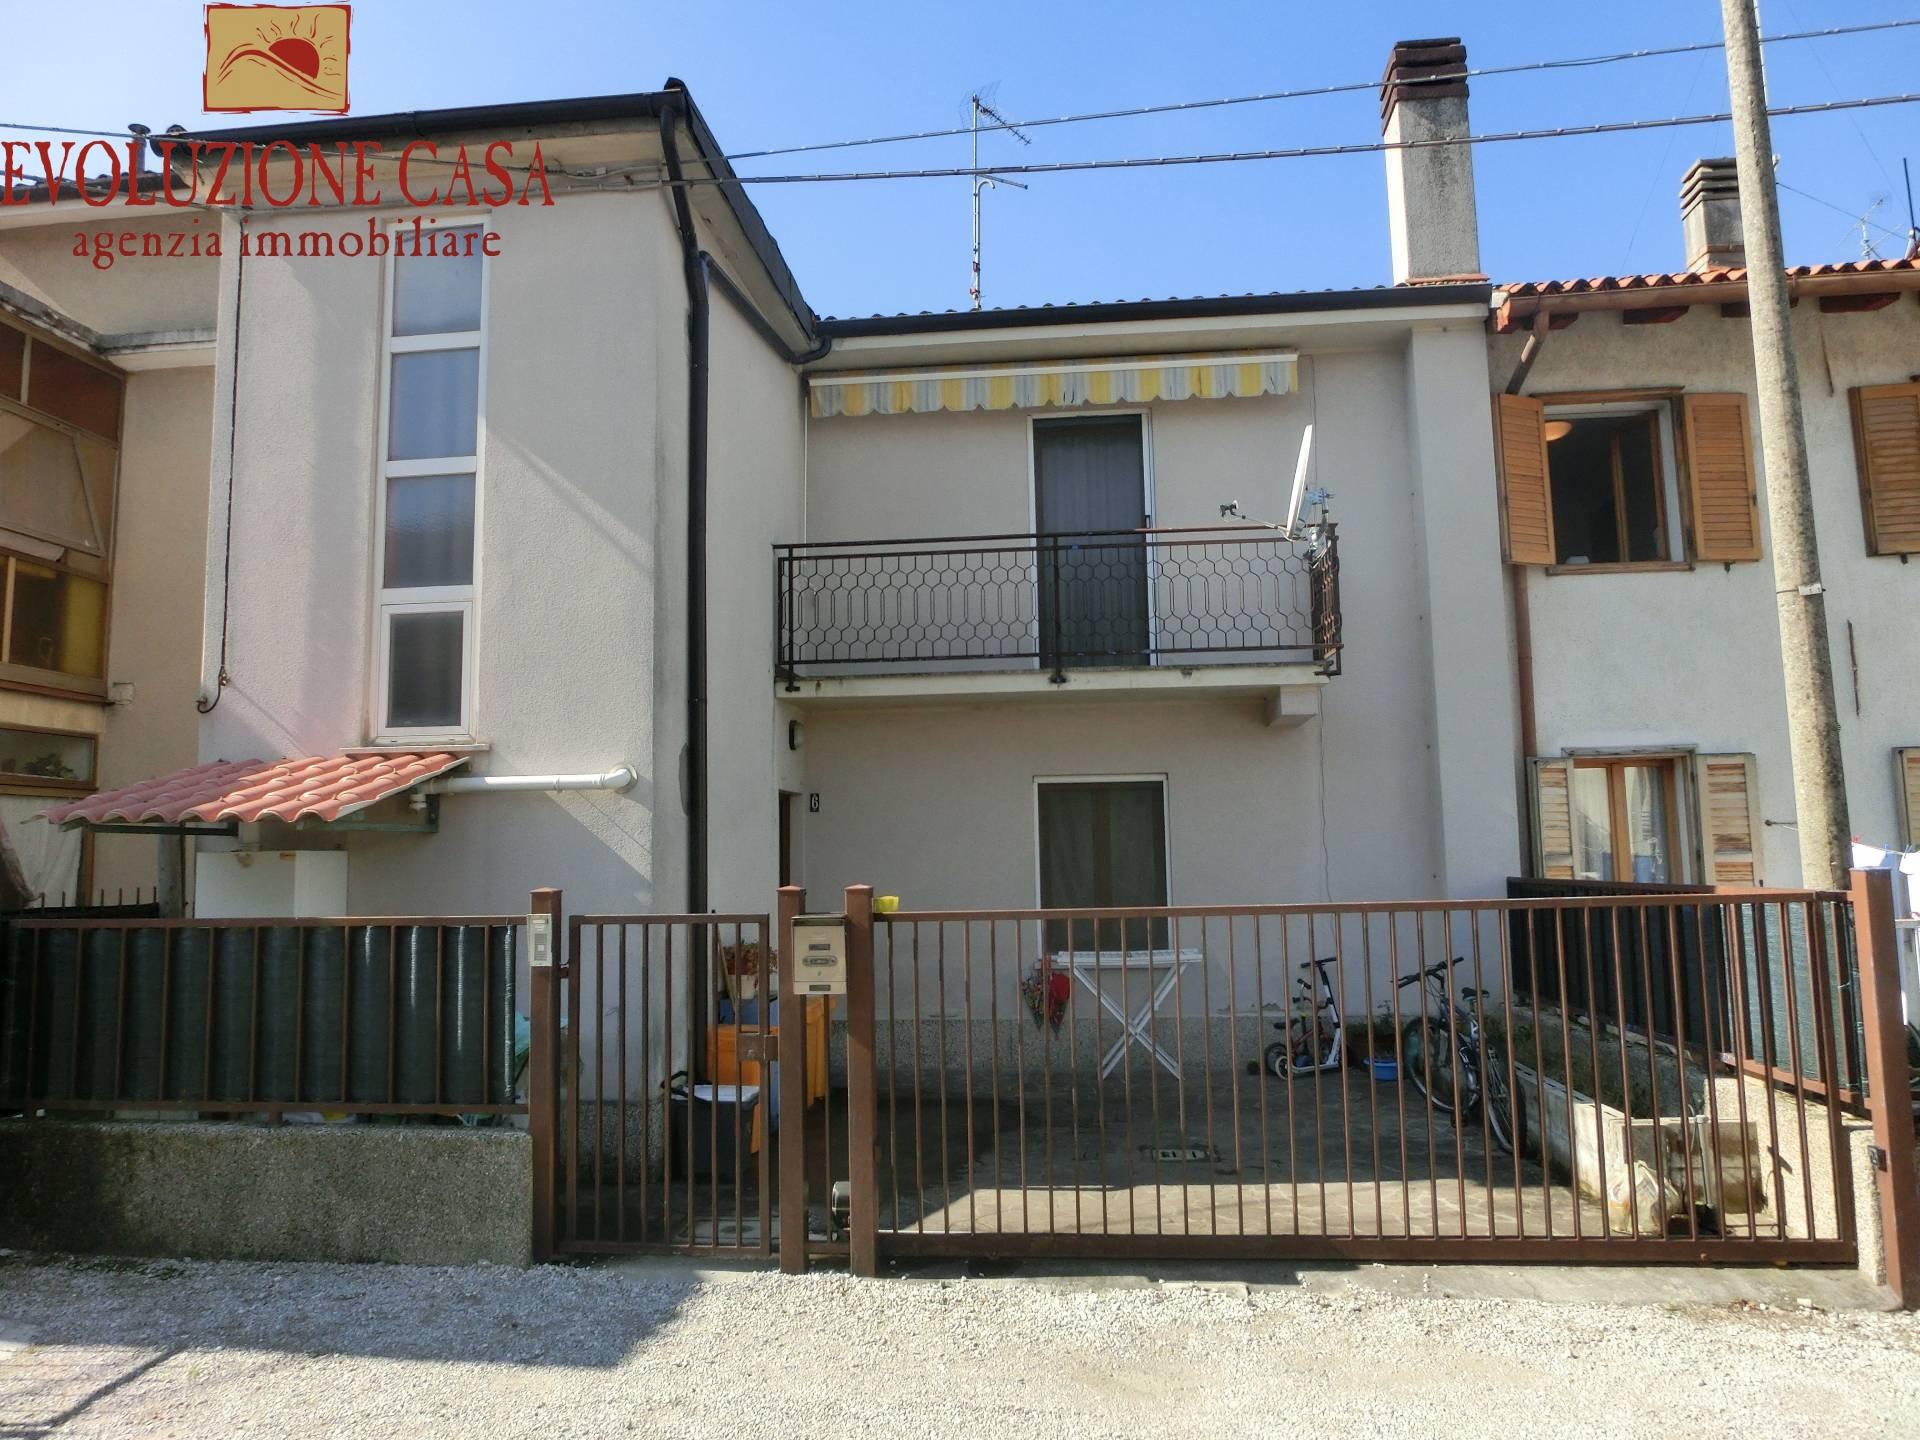 Appartamenti in vendita affitto a gorizia i migliori immobili a gorizia pagina 1 - Casa it valutazione immobili ...